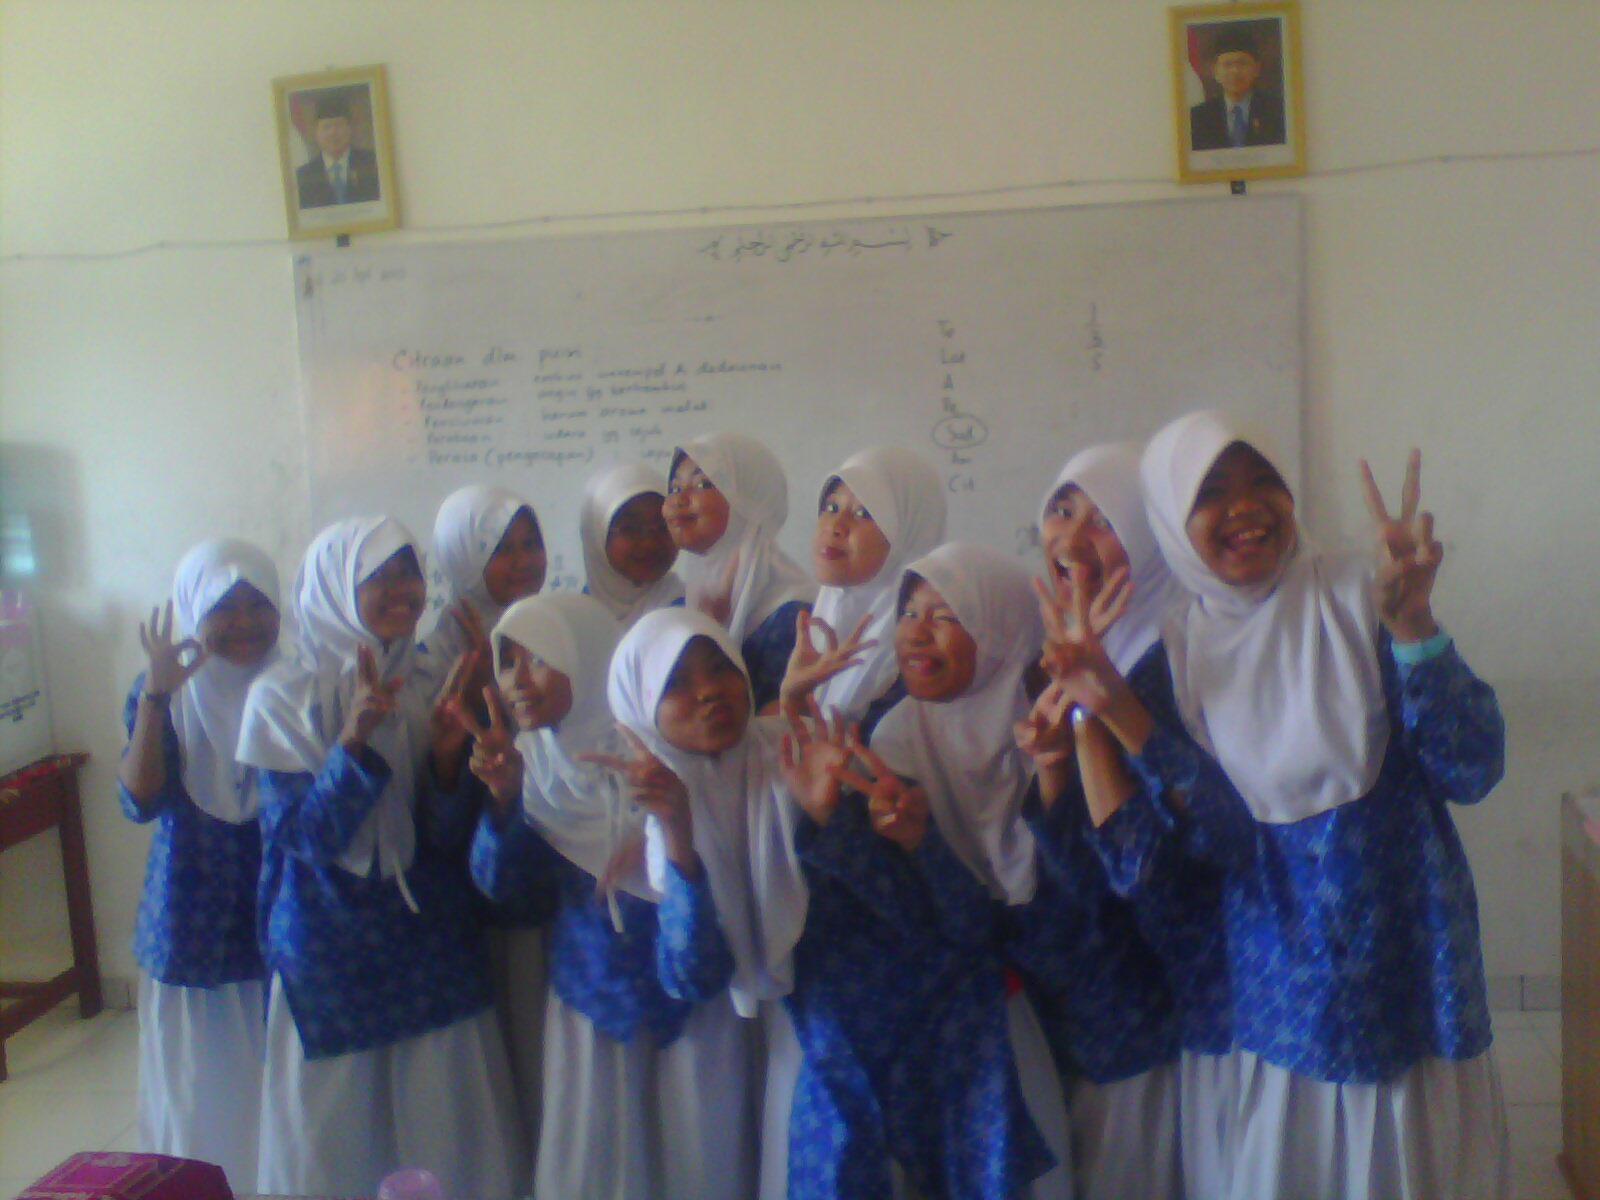 Materi Pelajaran Bahasa Dan Sastra Indonesia Kelas Viii Smp Share The Knownledge